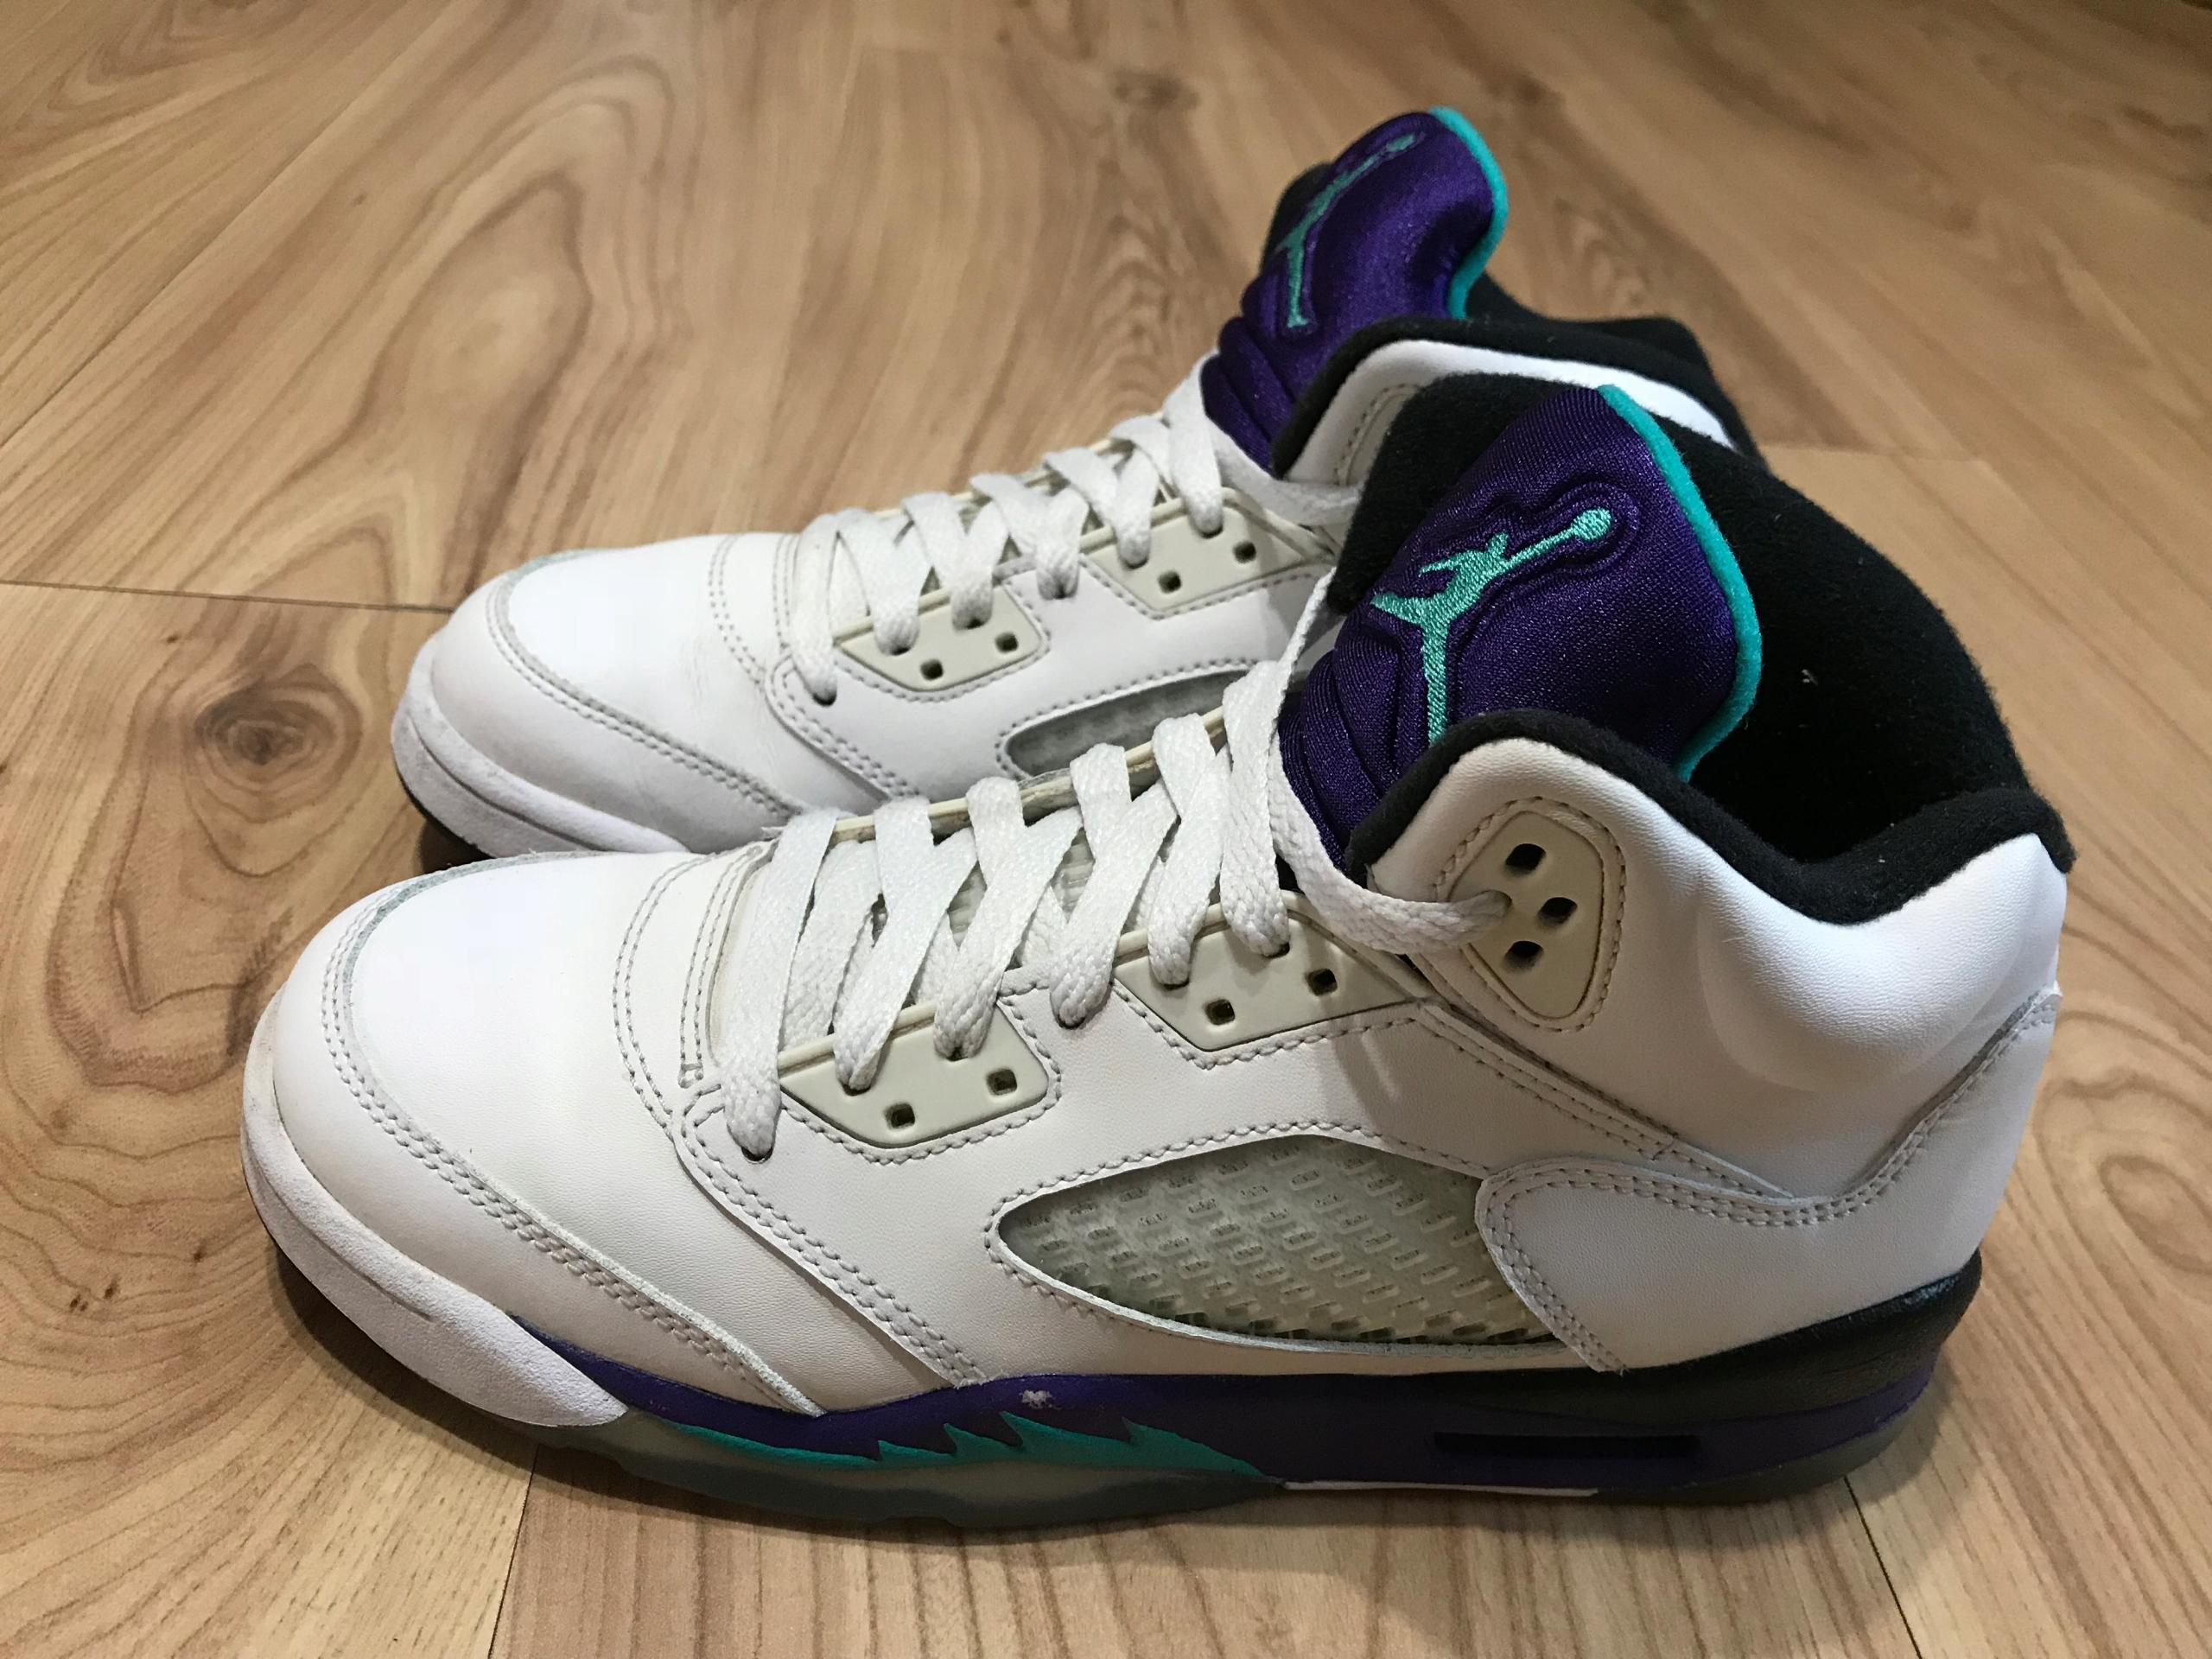 szczegółowe zdjęcia buty na codzień 50% zniżki Buty Air Jordan 5 Retro skóra 38 24cm Nike wysokie